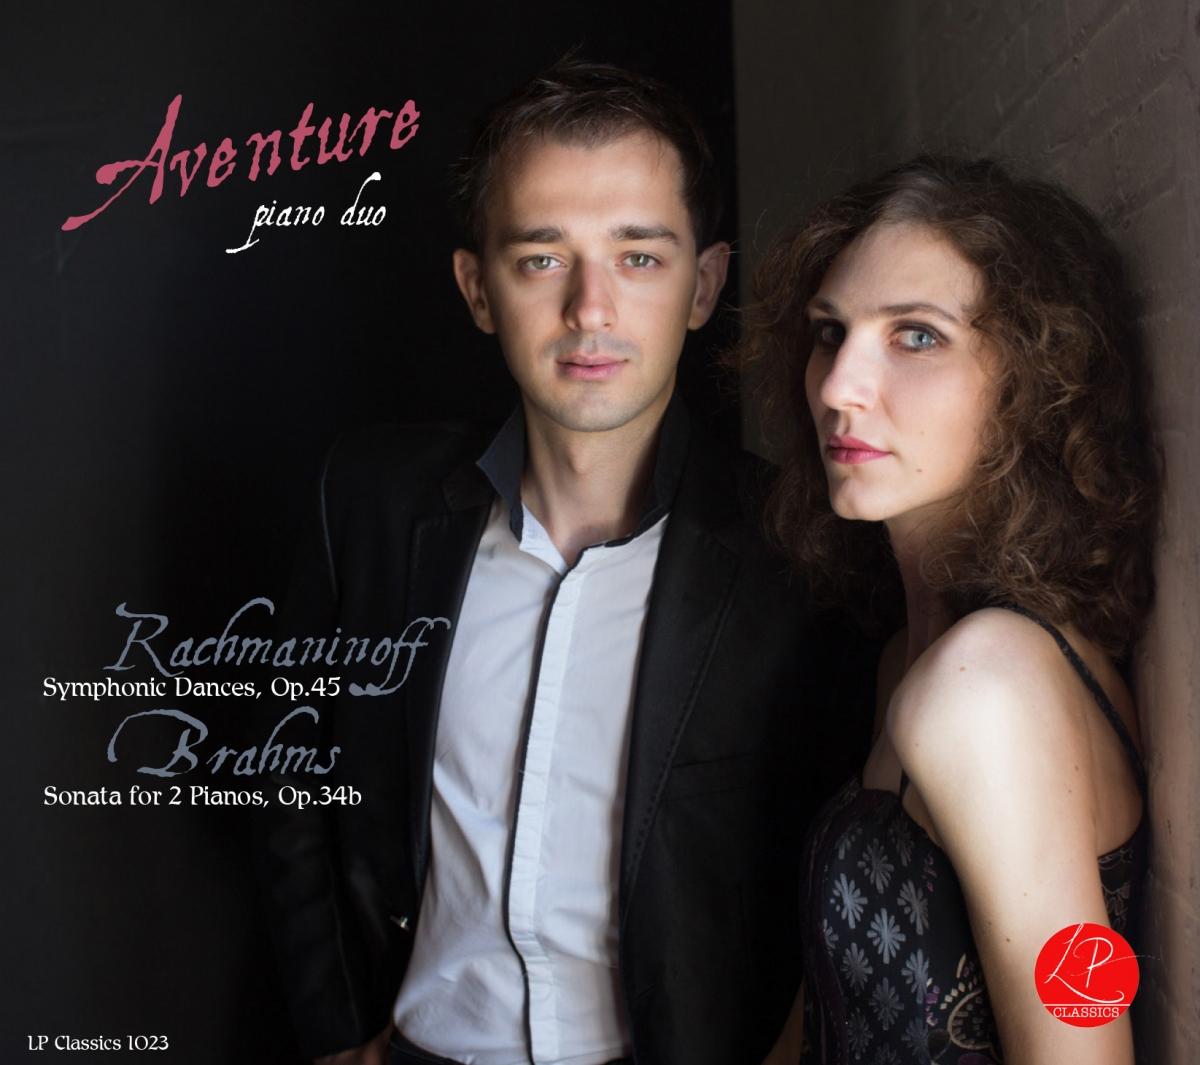 Naomi Sergei Duo 3: RACHMANINOFF/BRAHMS